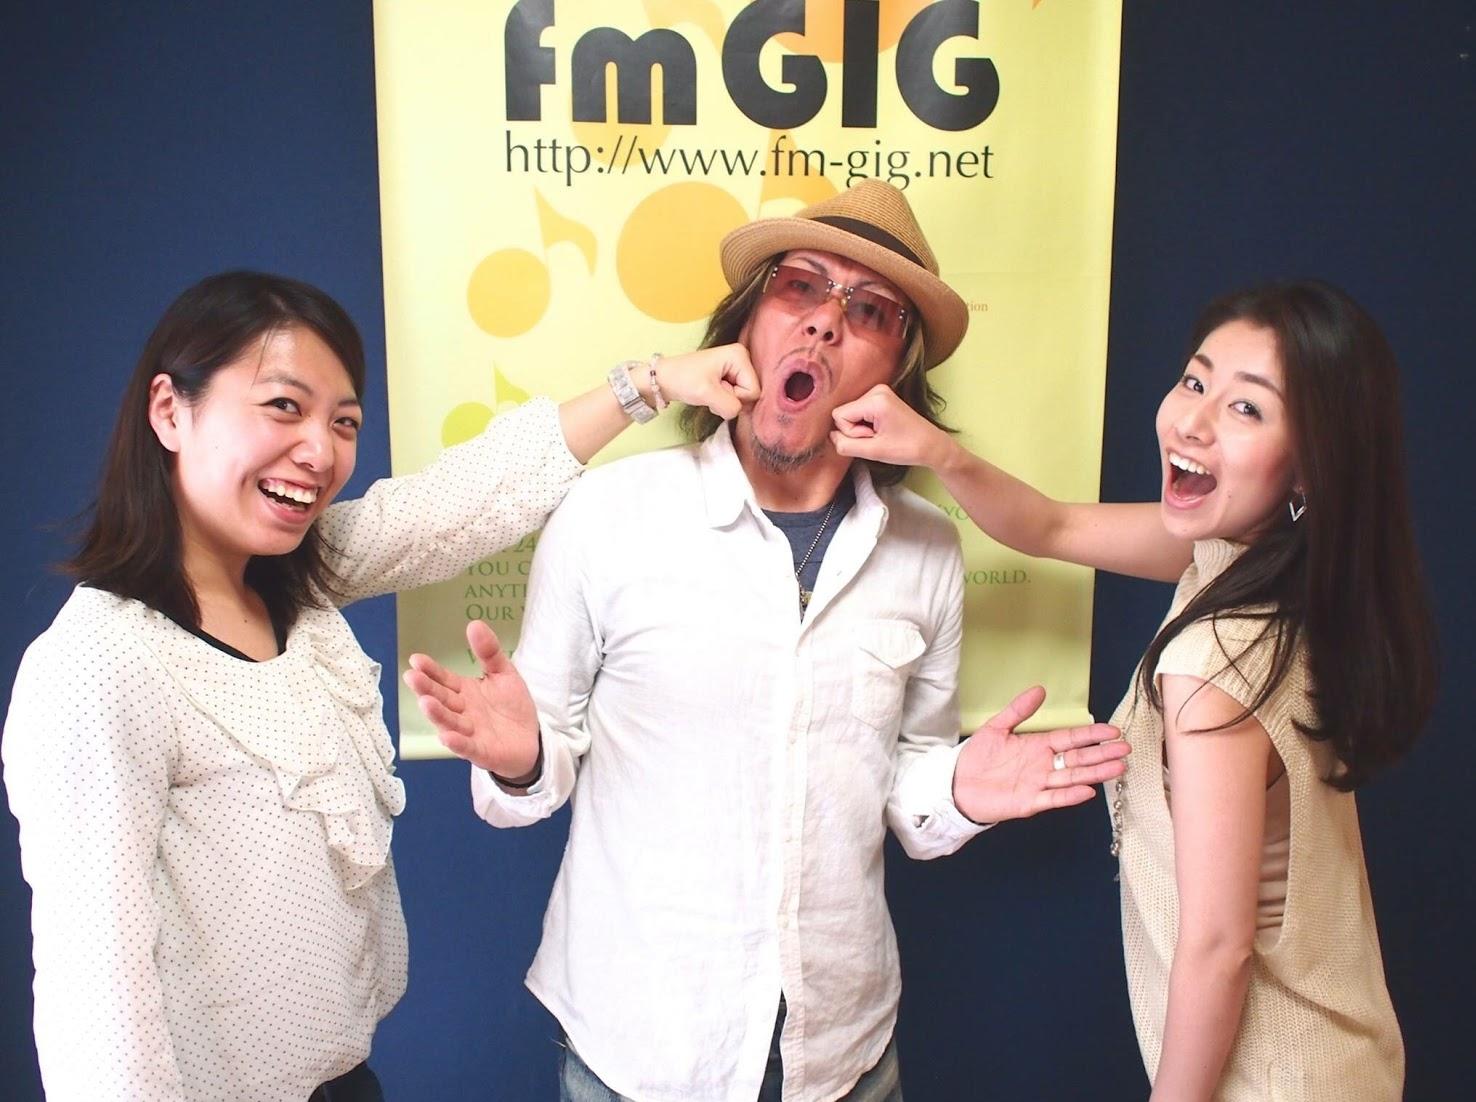 【2名出演】FM GIG とおるのLOVE&PEACE